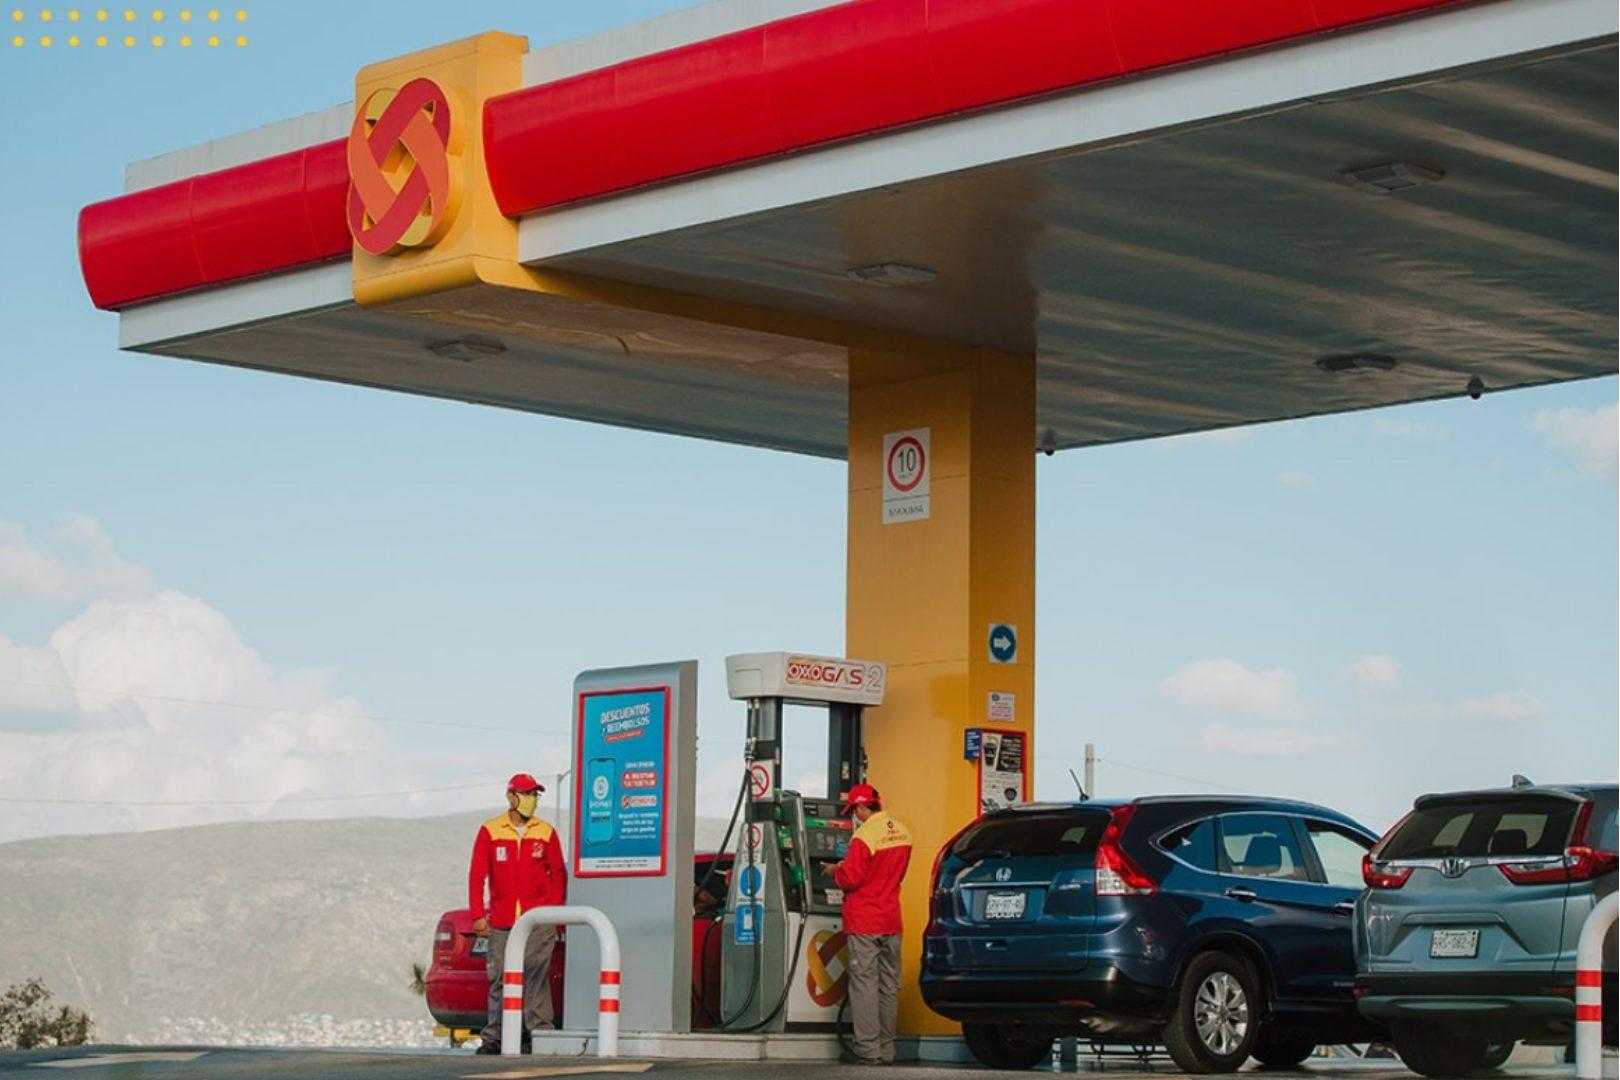 OXXO GAS